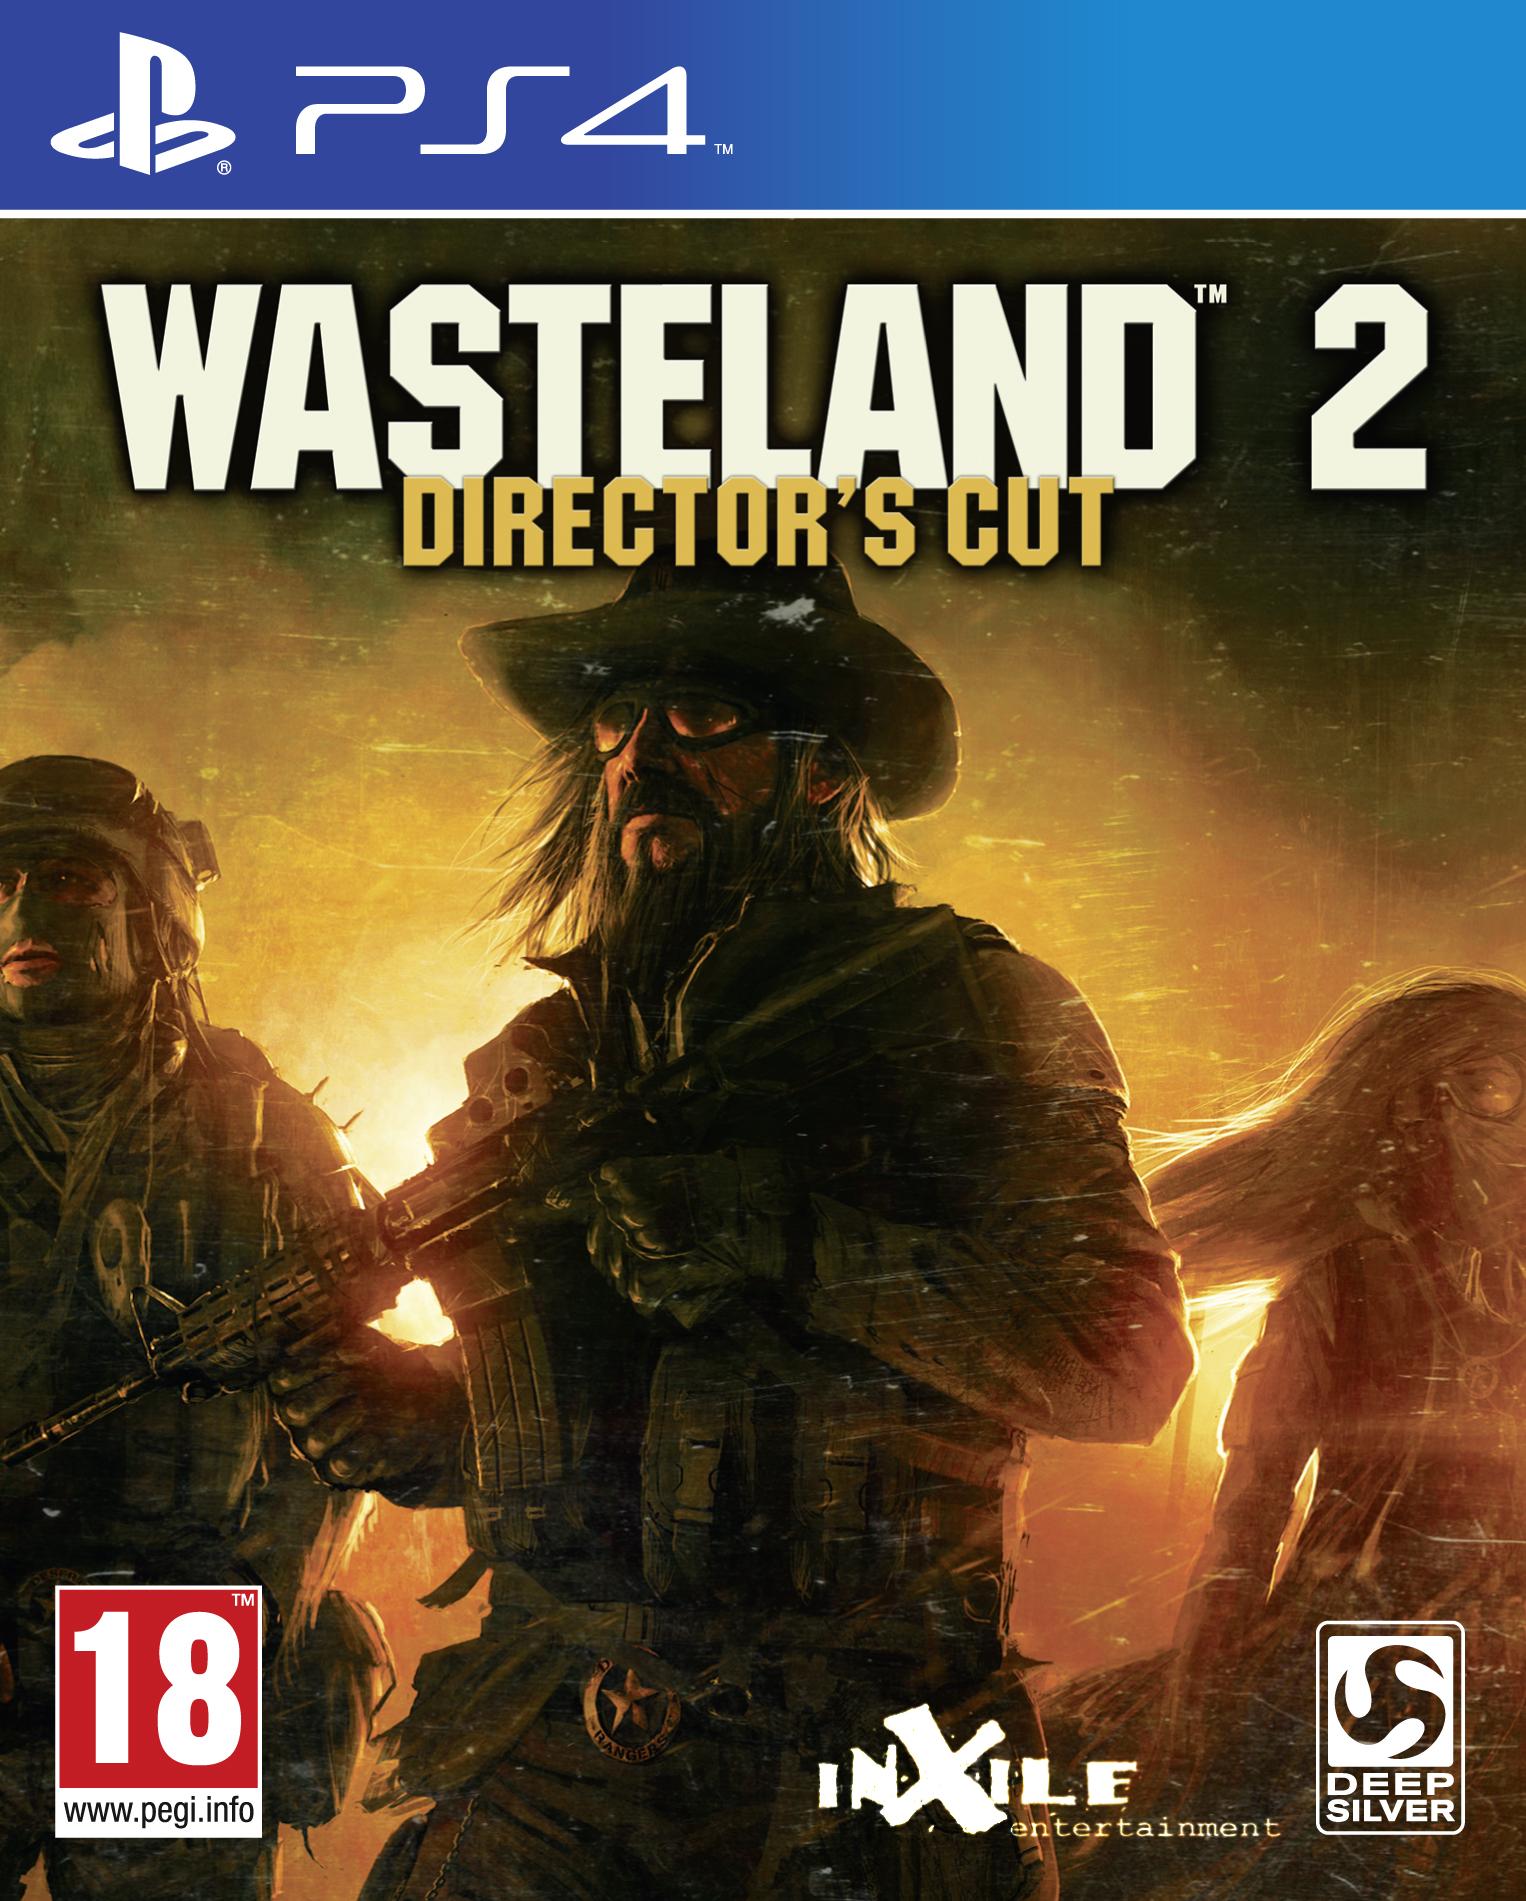 Wasteland 2: Director's Cut Edition